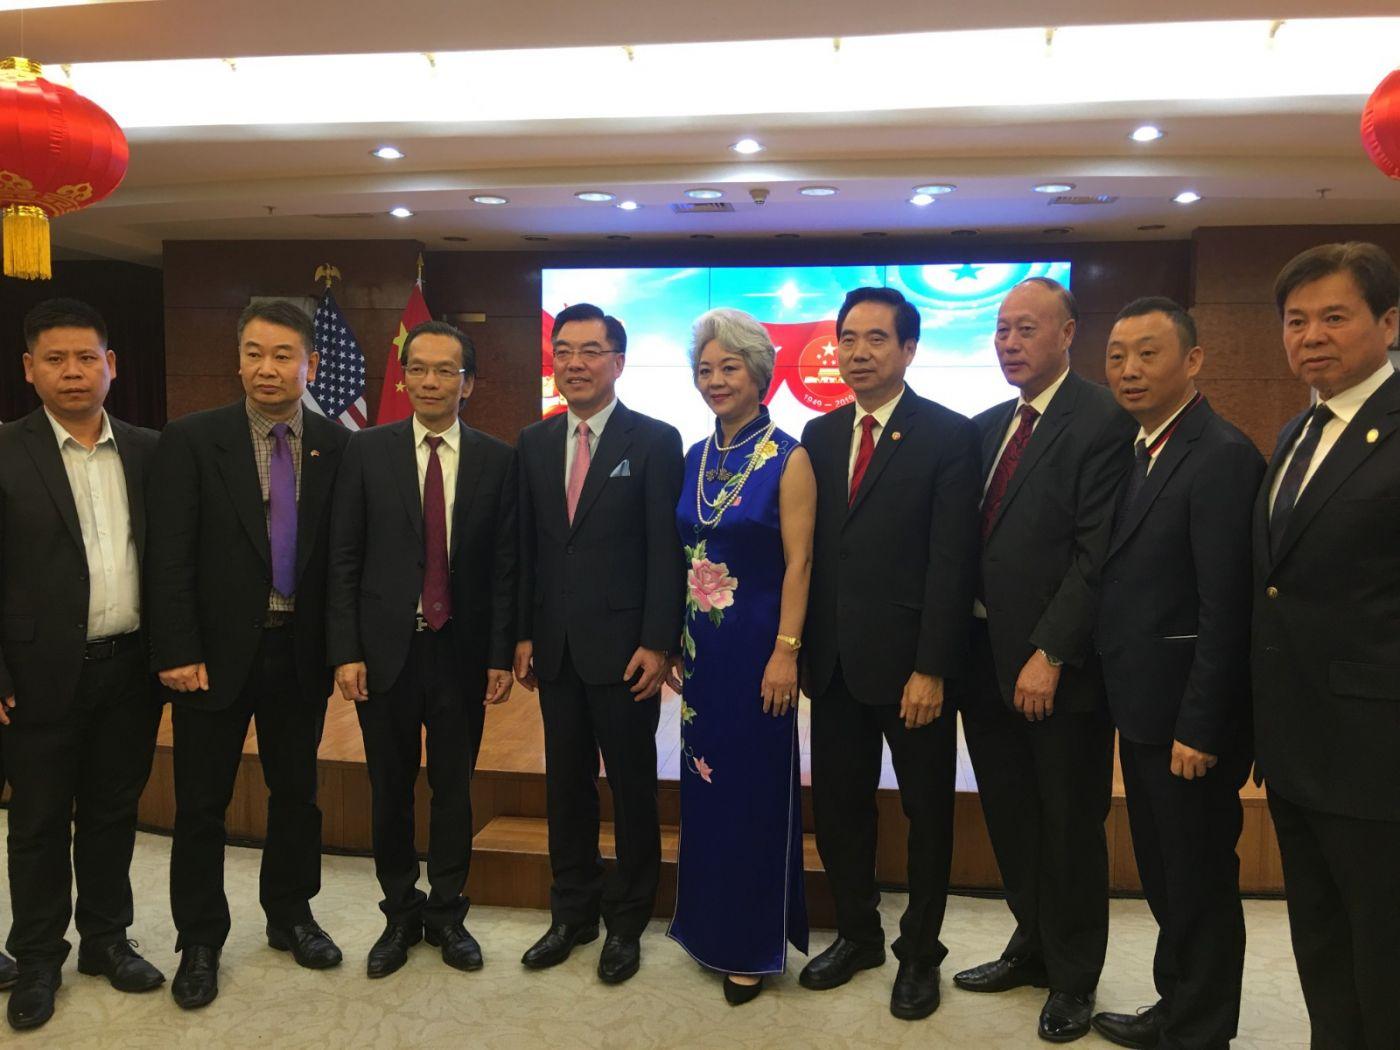 中国驻纽约总领事馆舉辦庆祝建国70周年招待會_图1-20